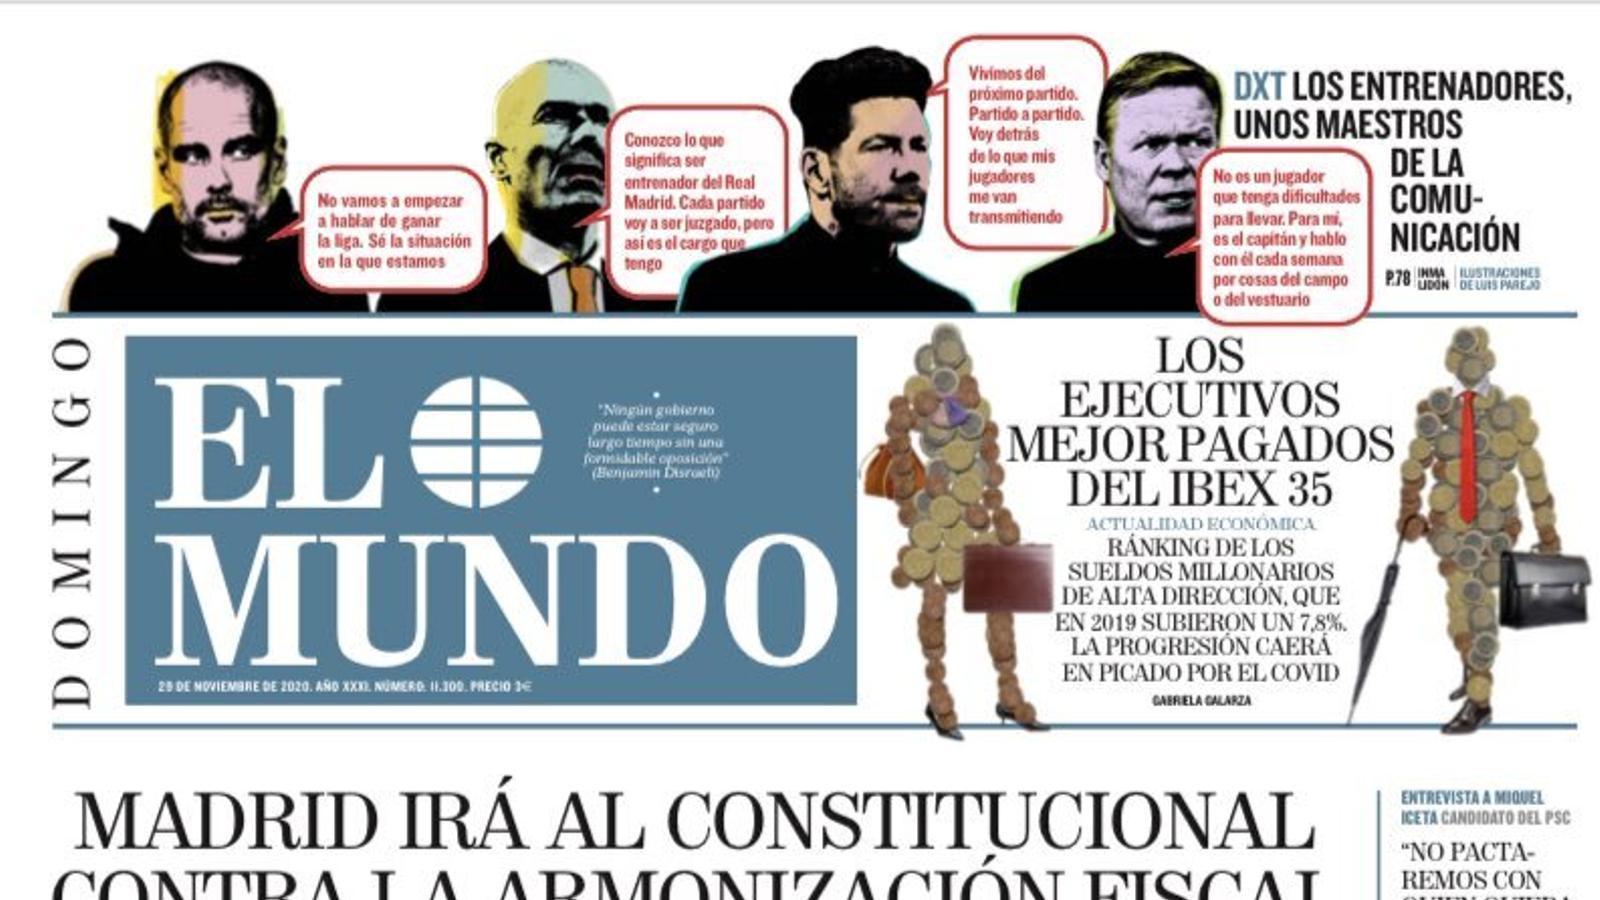 29/11 El Mundo